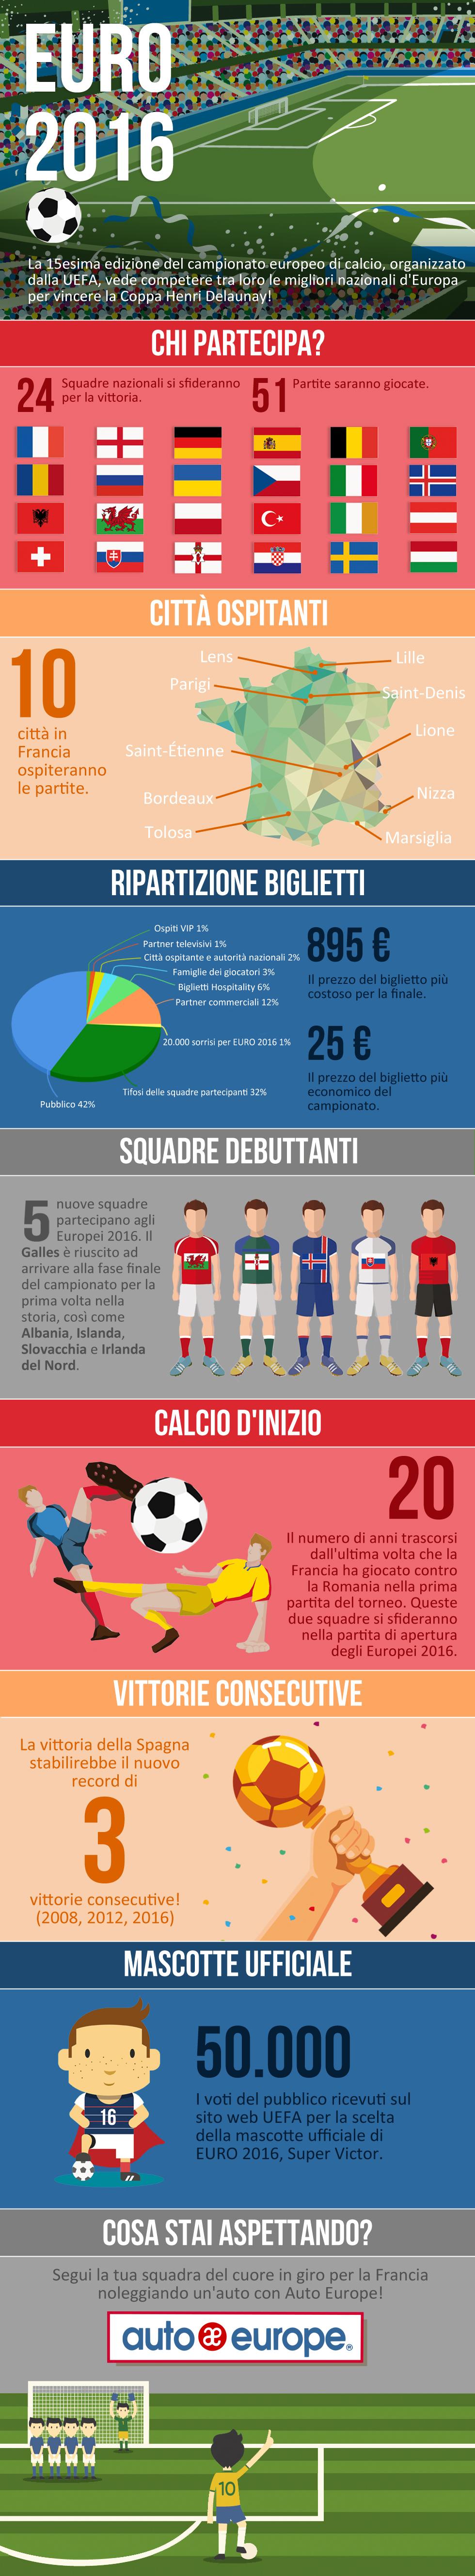 Cose da sapere su Euro 2016